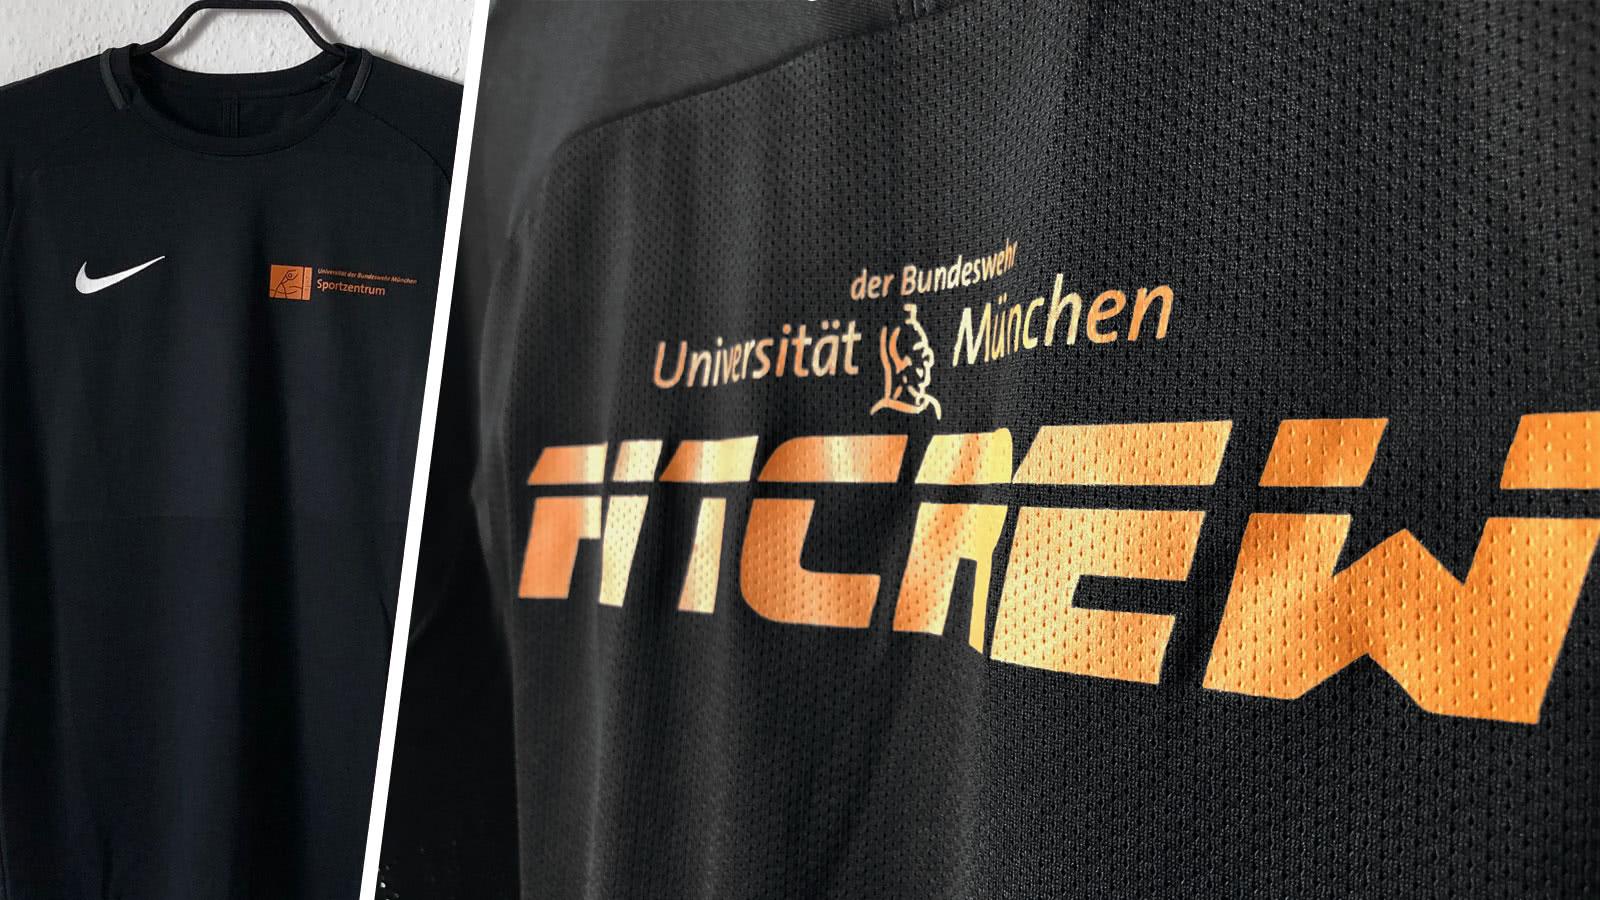 Die Bundeswehr Universität München mit der eigenen Fitcrew Trikot Bedruckung